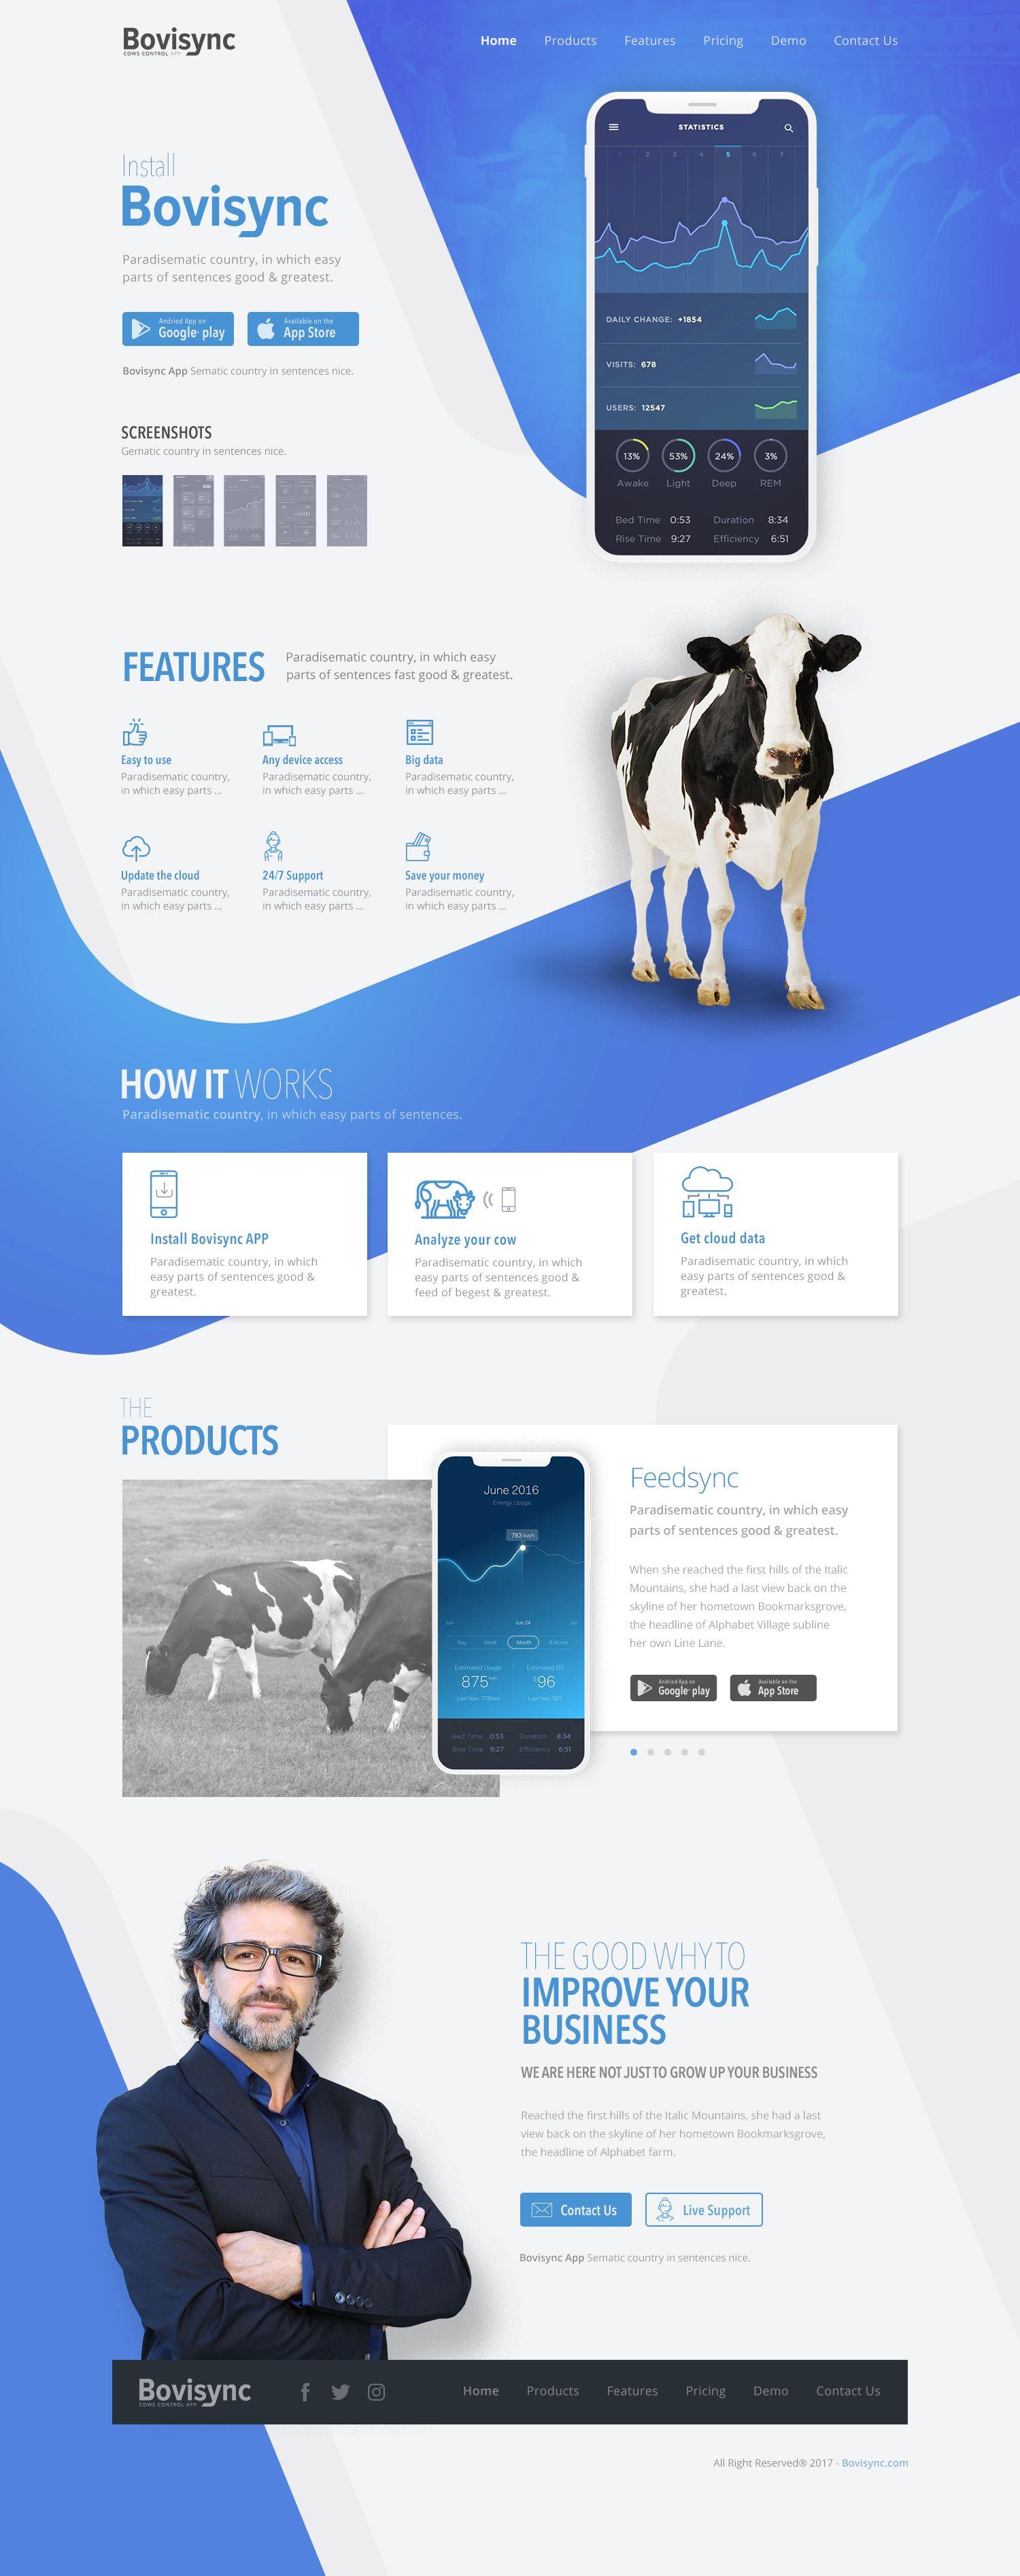 Blue White Mobile App Web Design For Bovisync Mobileappwebdesign Mobilewebdesign Bluewhitewebdesign Responsivewebdesign Appwebdesign Farmsappwebde